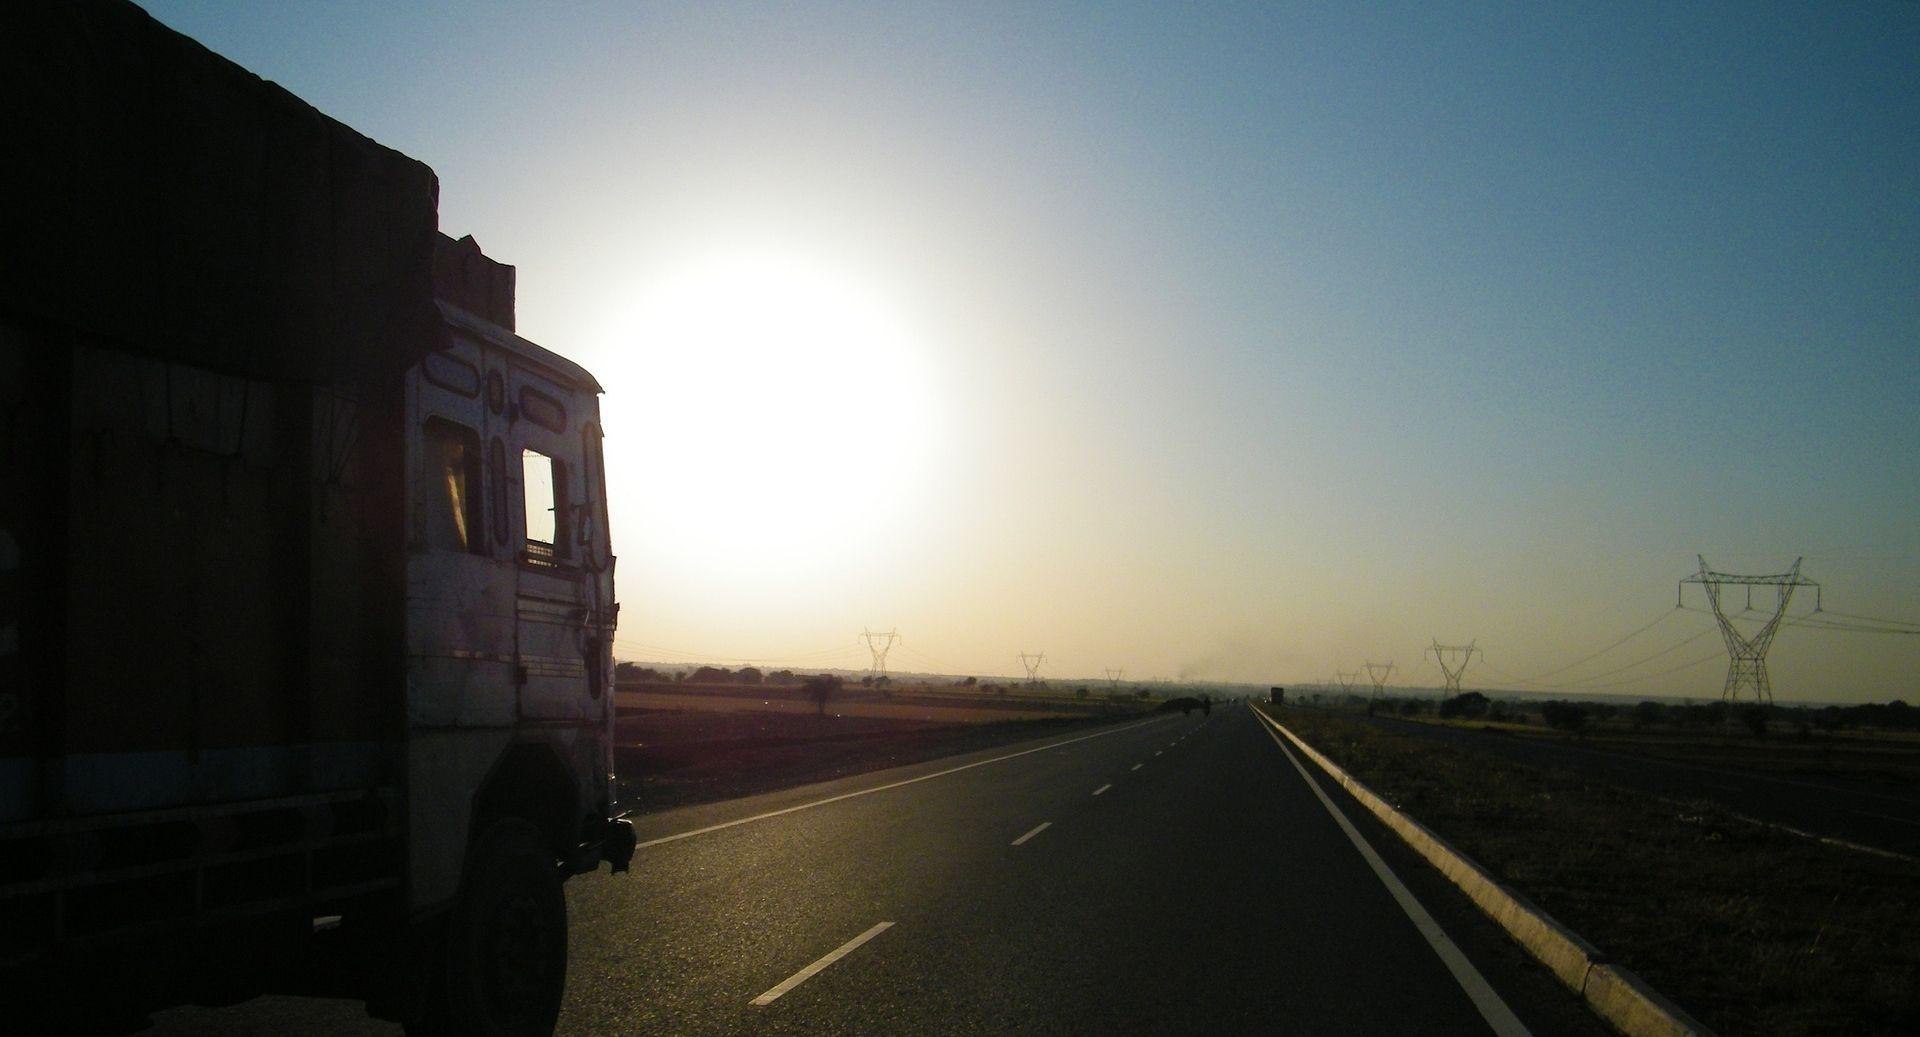 AK Povoljni uvjeti za vožnju, na A1 između Karlovca i Jastrebarskog jednim trakom